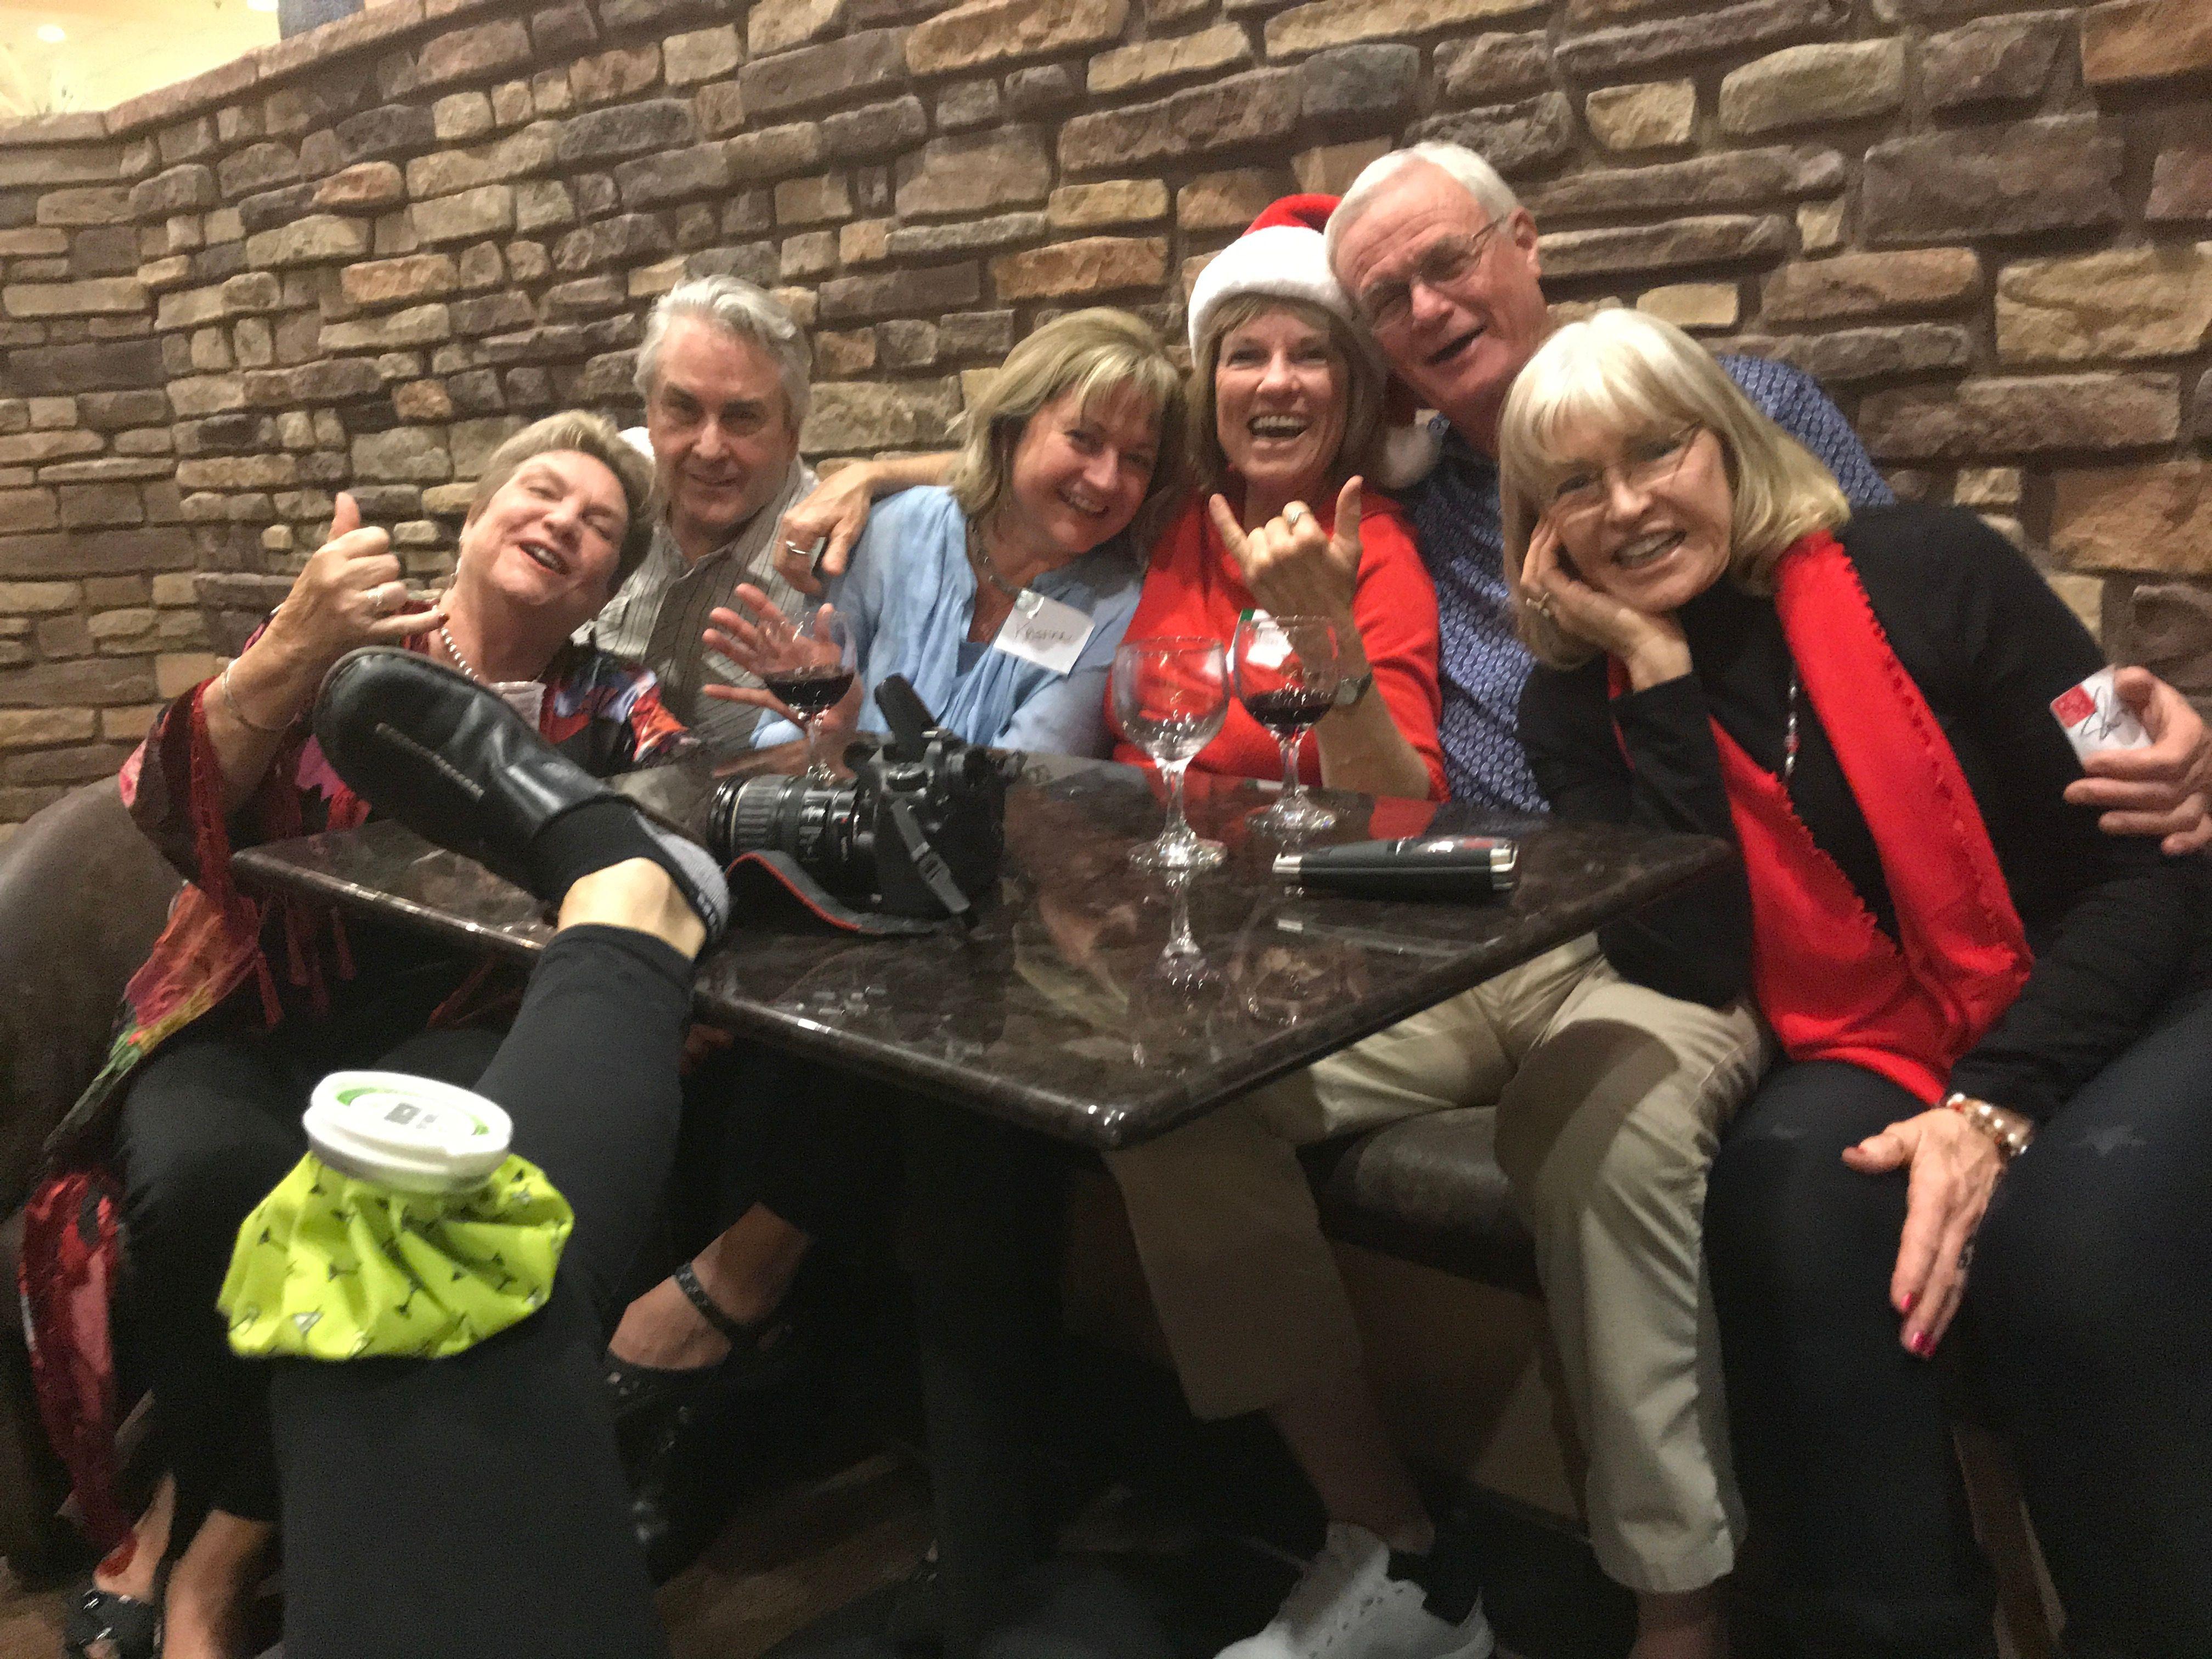 Prescott Wine Lovers